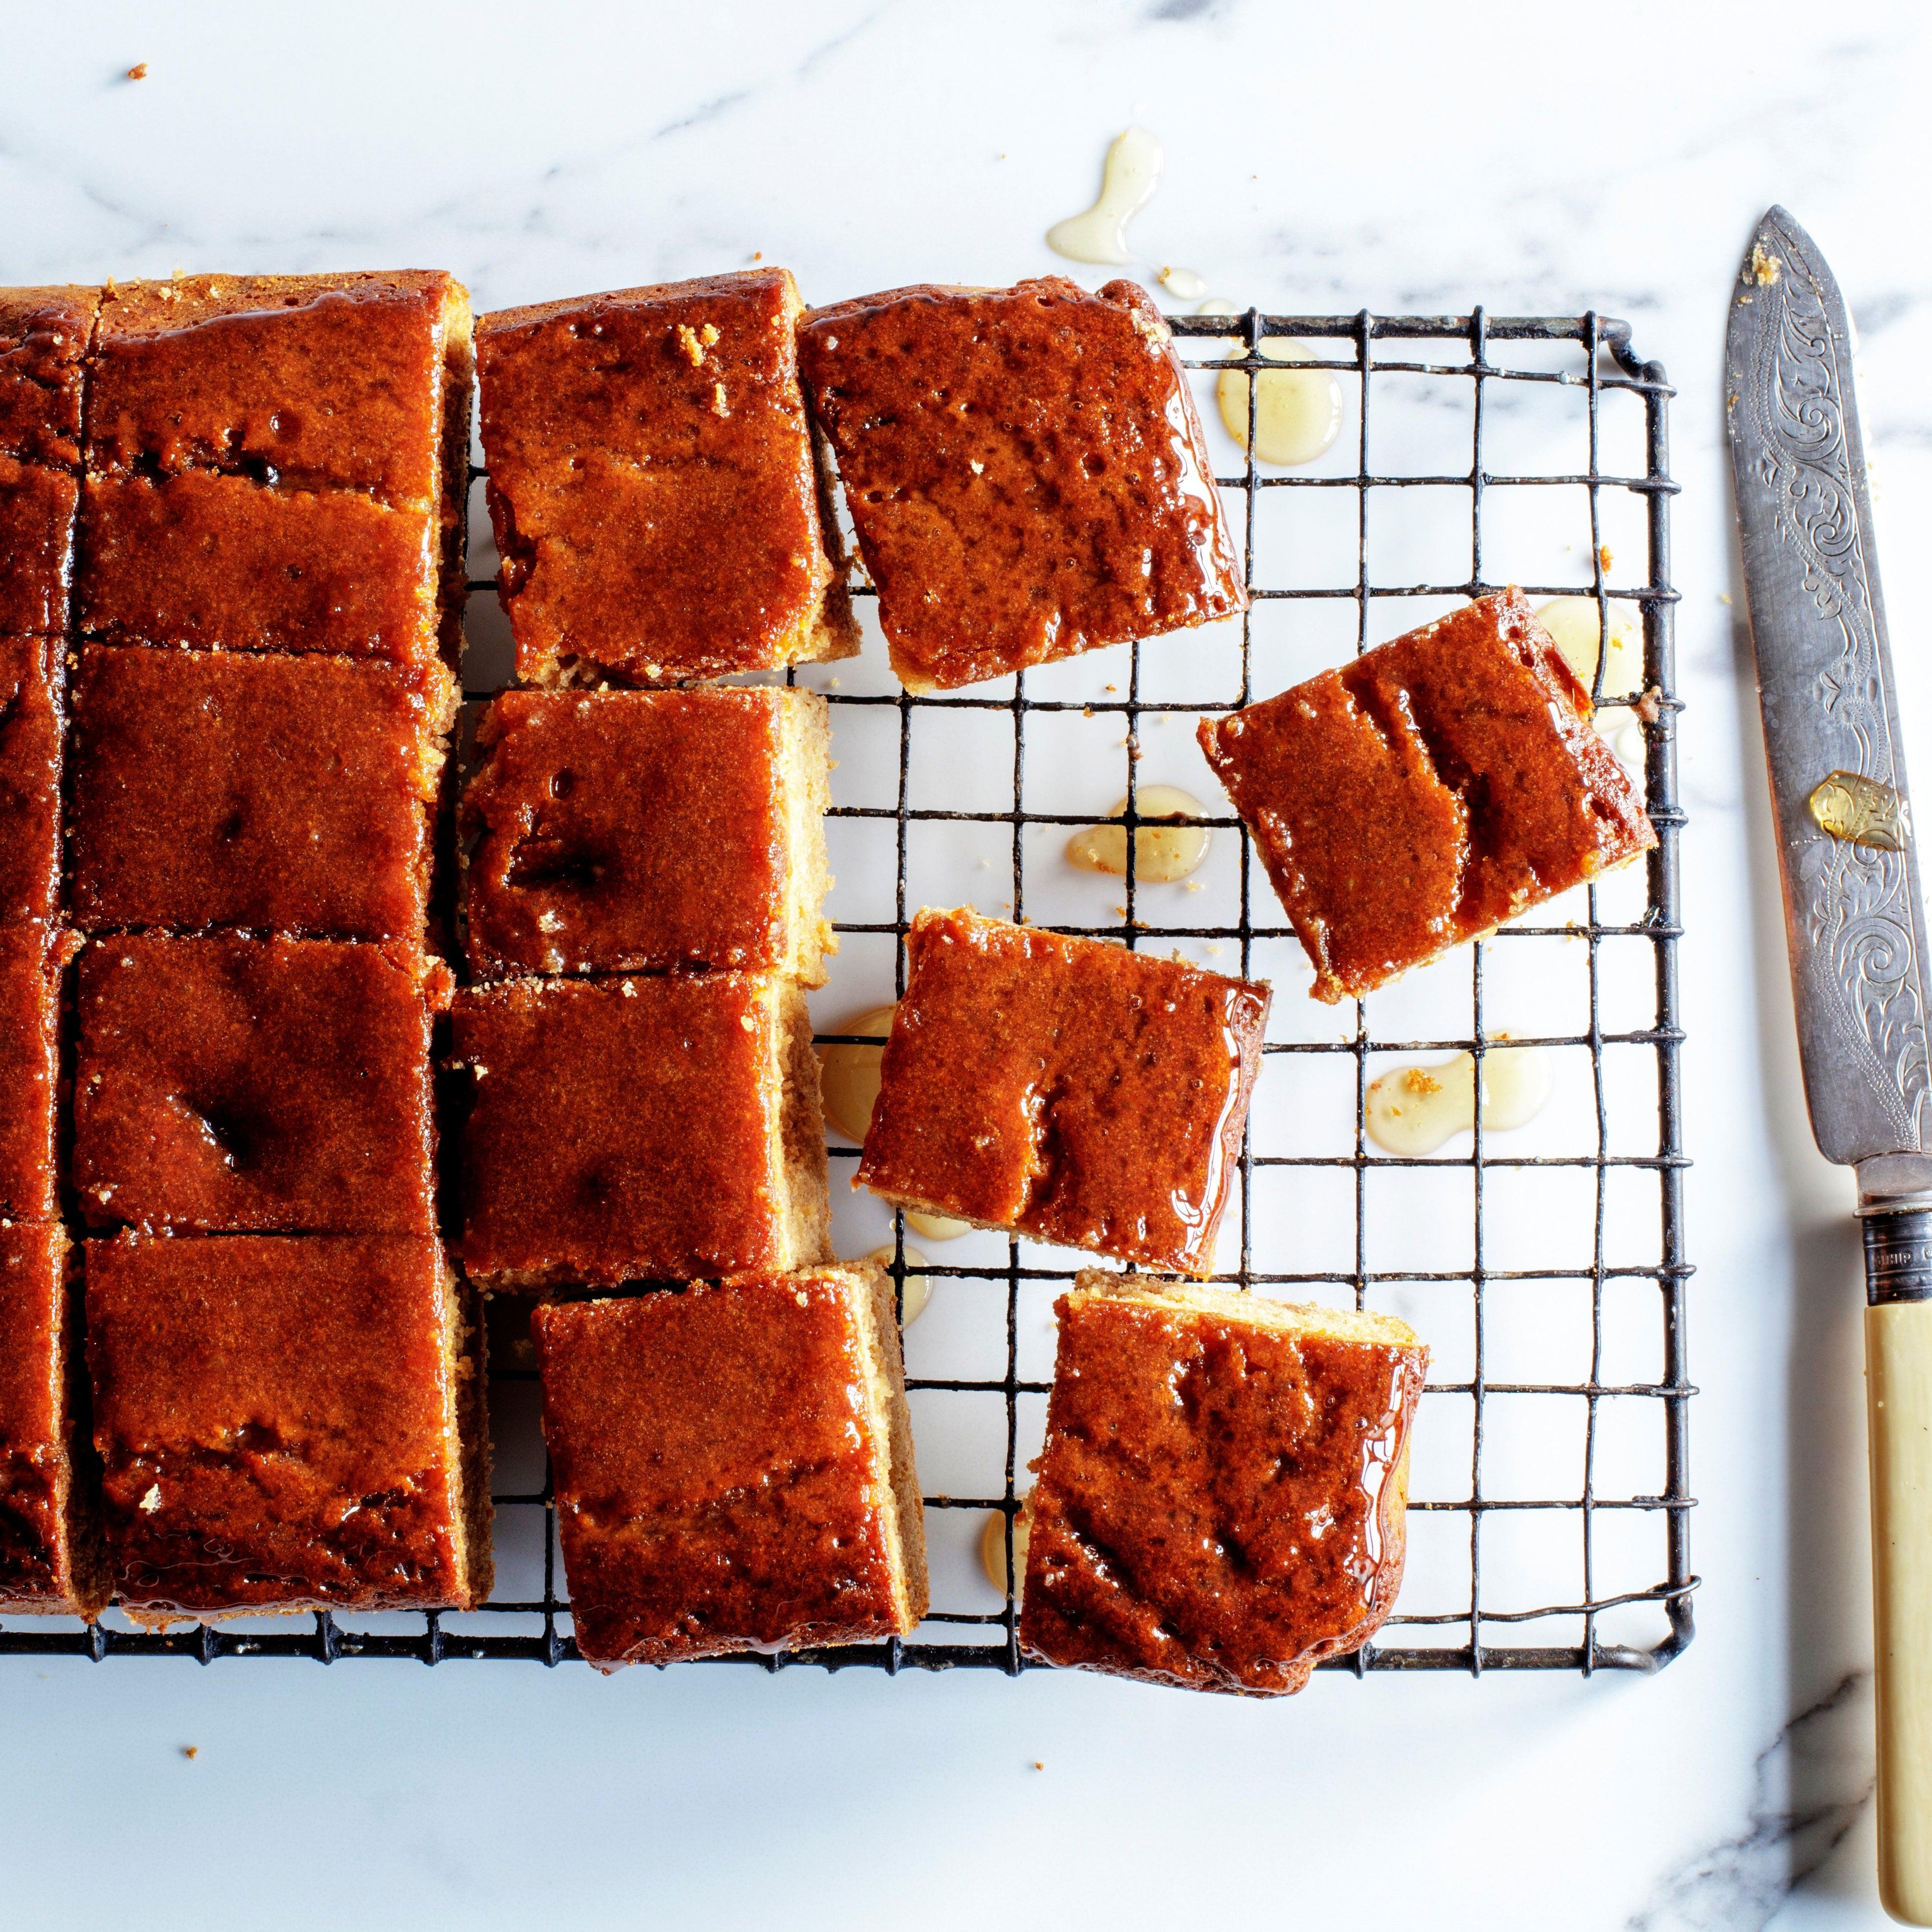 billington-s-honey-stem-ginger-traybake-web.jpg